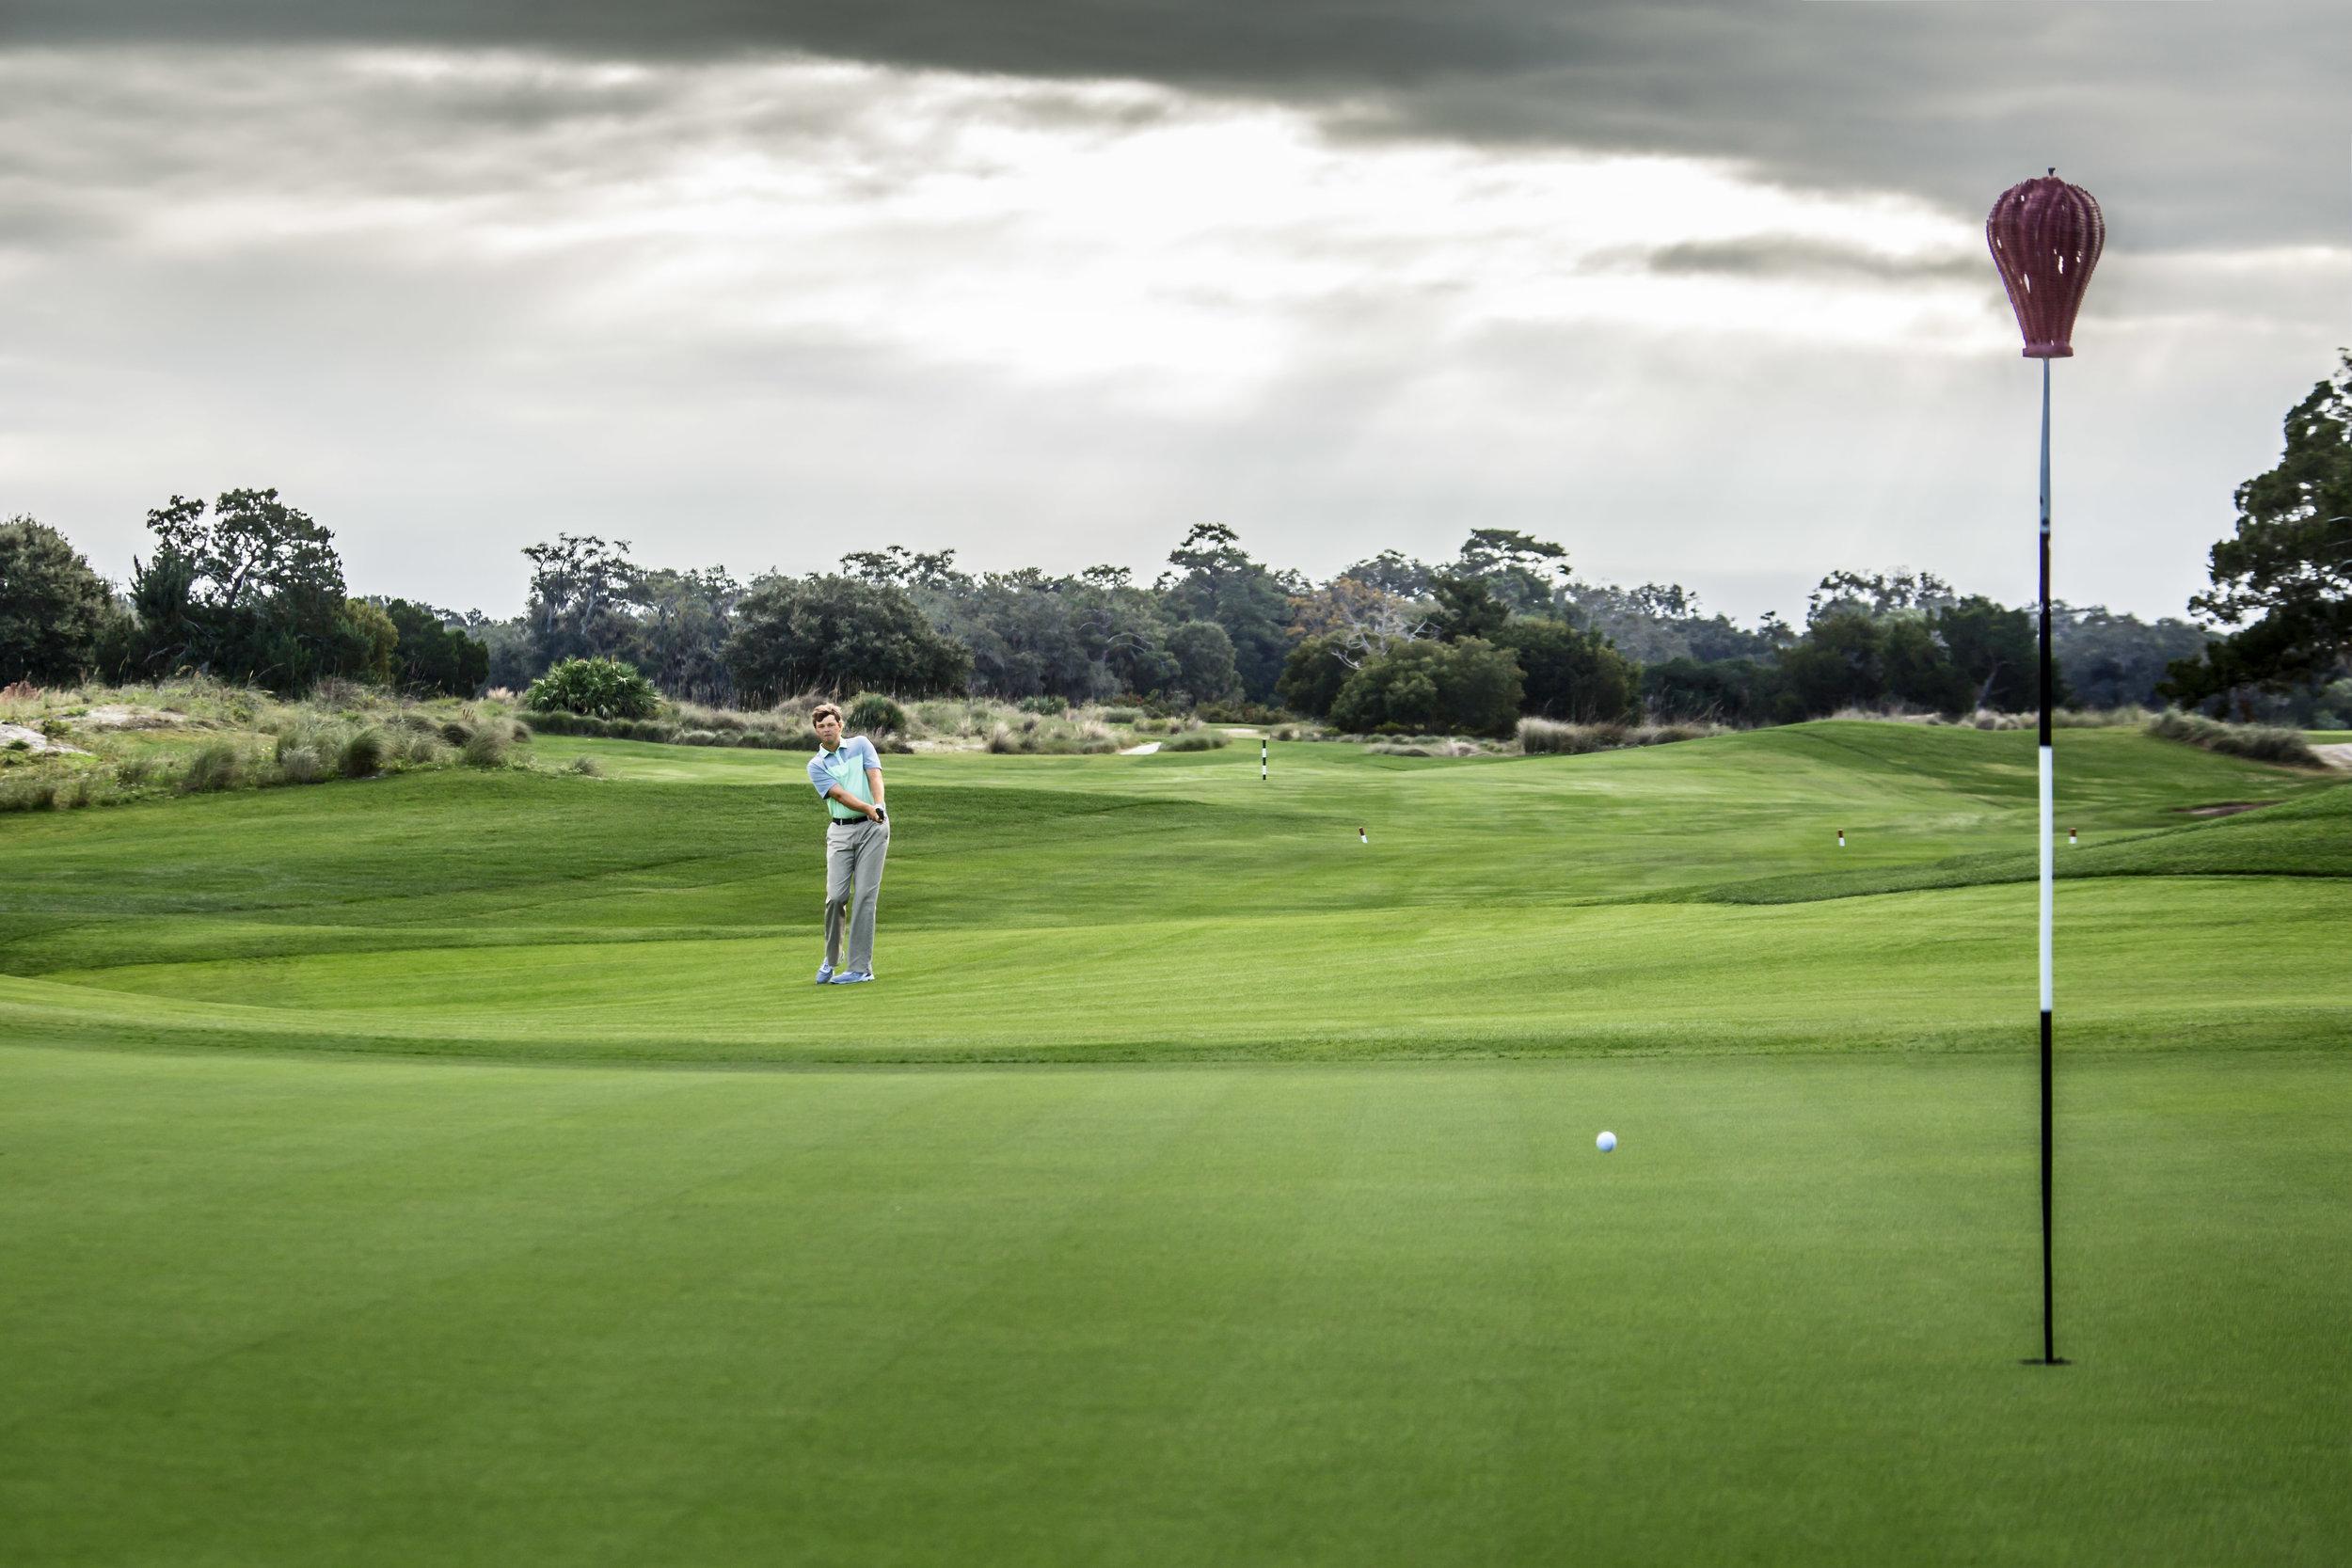 S16_Golf_TR_7264.jpg